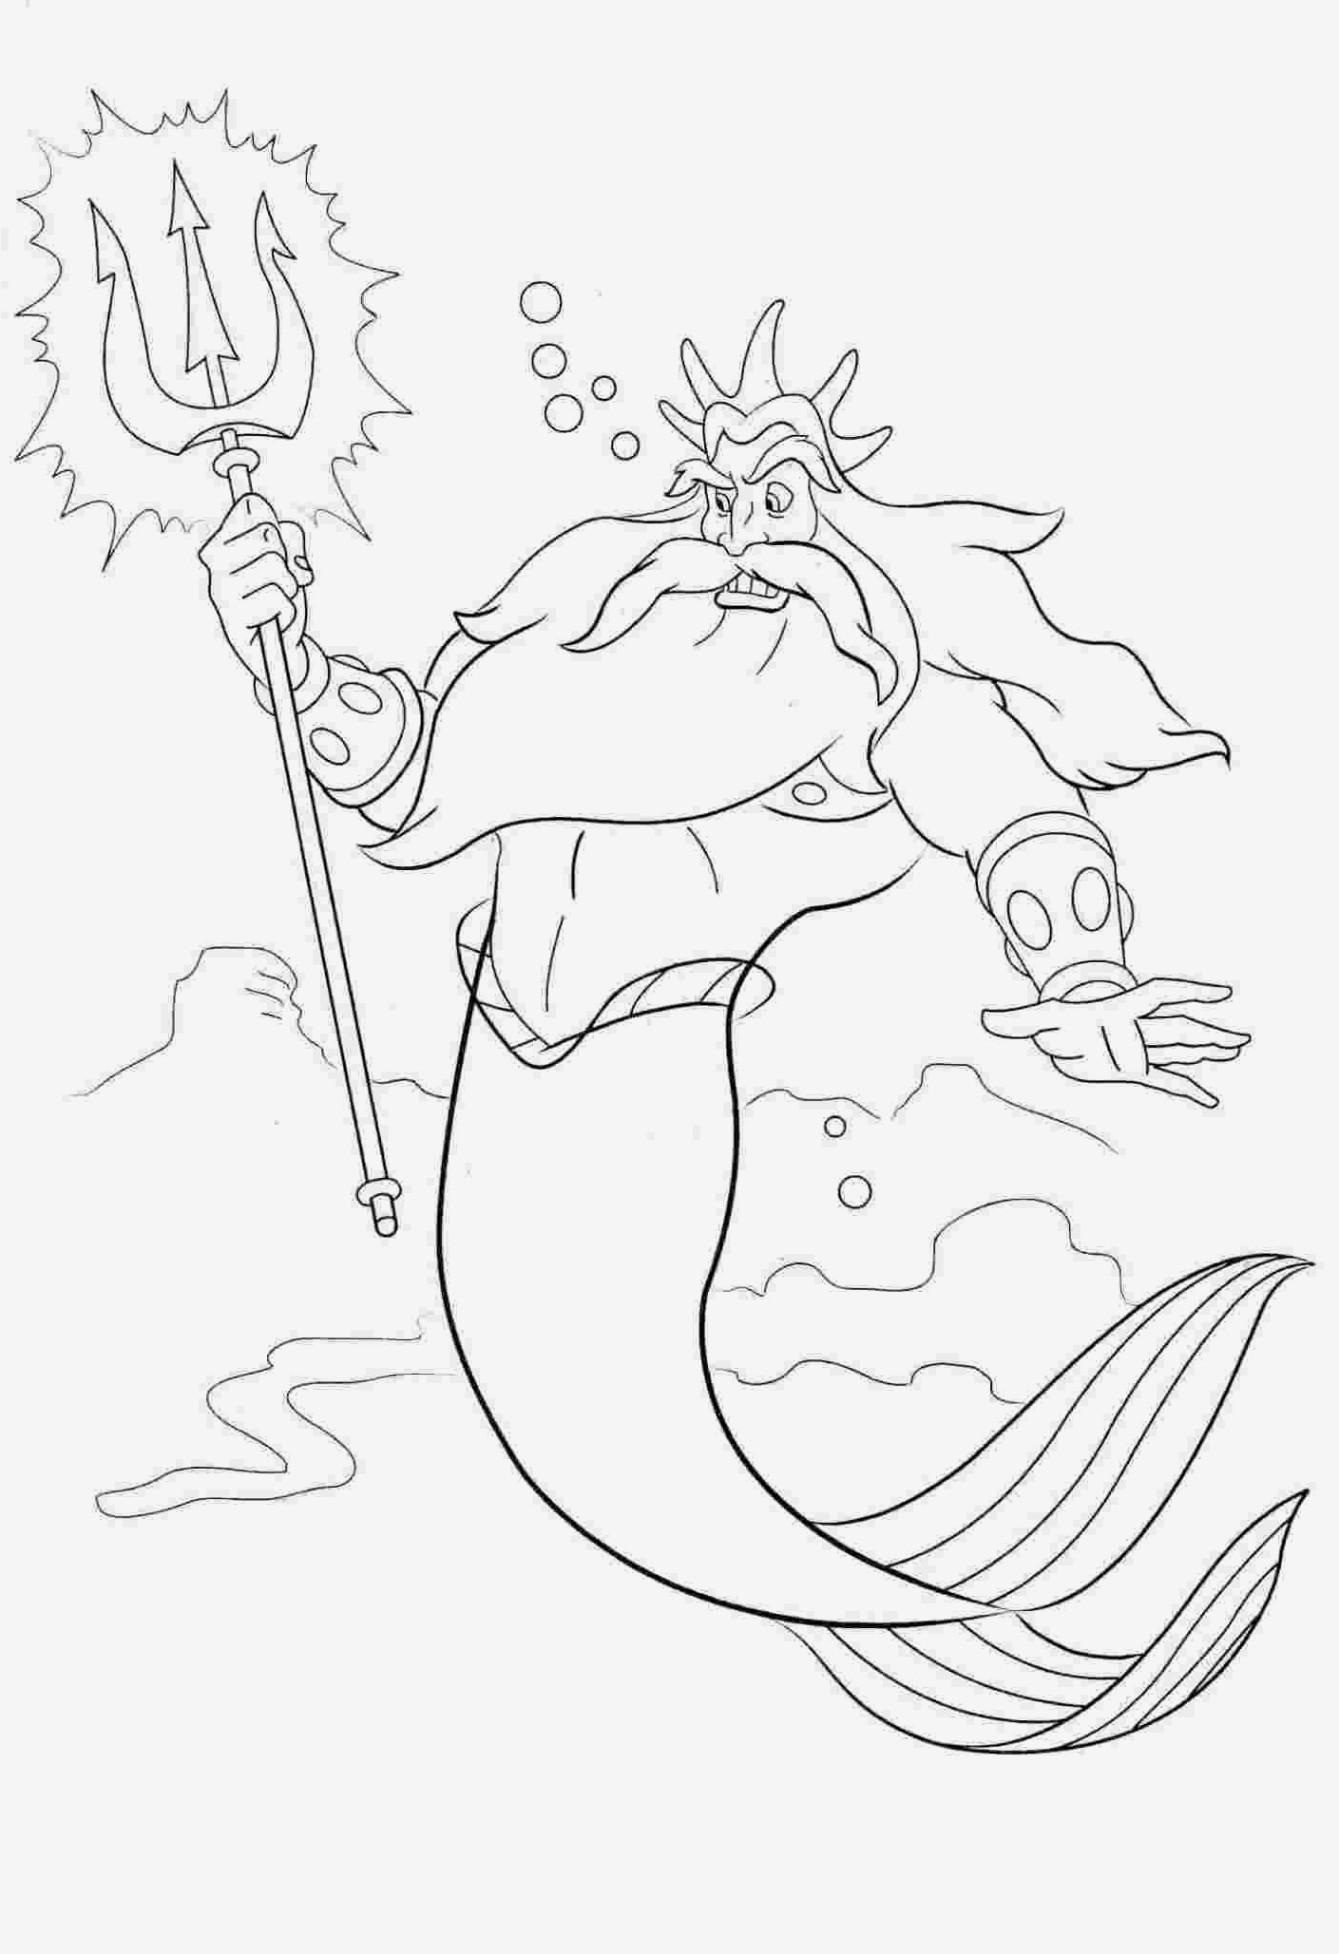 Arielle Ausmalbilder Zum Drucken Kostenlos Das Beste Von Bilder Zum Ausmalen Bekommen Meerjungfrau Malvorlagen Bild